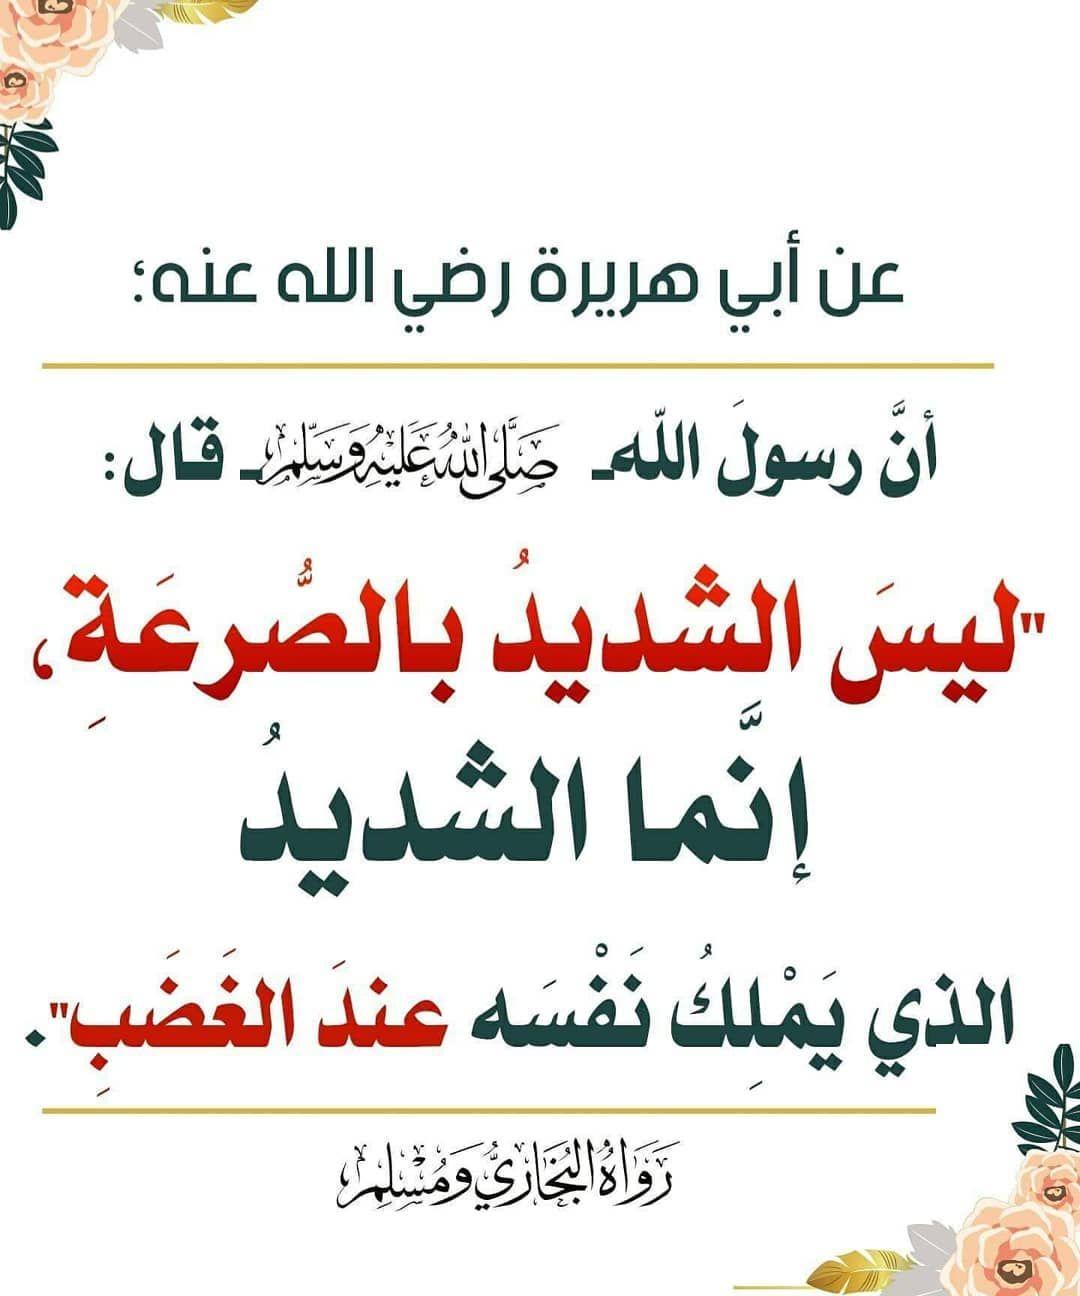 ﺍﻟﺼﻼ ﺓ ﻋﻠﻰ ﺍﻟﻨﺒﻲ ﷺ ﺗﻔﺮﺝ ﺍﻟﻬﻢ ﻭﺗﻌﻴﻦ ﻋﻠﻰ ﻗﻀﺎﺀ ﺍﻟﺪﻳﻦ ويغفر بها الذنوب ويصلى عليك في المﻷ اﻷعلى ﻭﻣﻦ ﺃﺳﺒﺎﺏ ﺭﺅﻳﺔ ﺍﻟﻨﺒﻲ ﷺ ﻓﻲ ﺍ In 2020 Learn Islam Ahadith Islamic Quotes